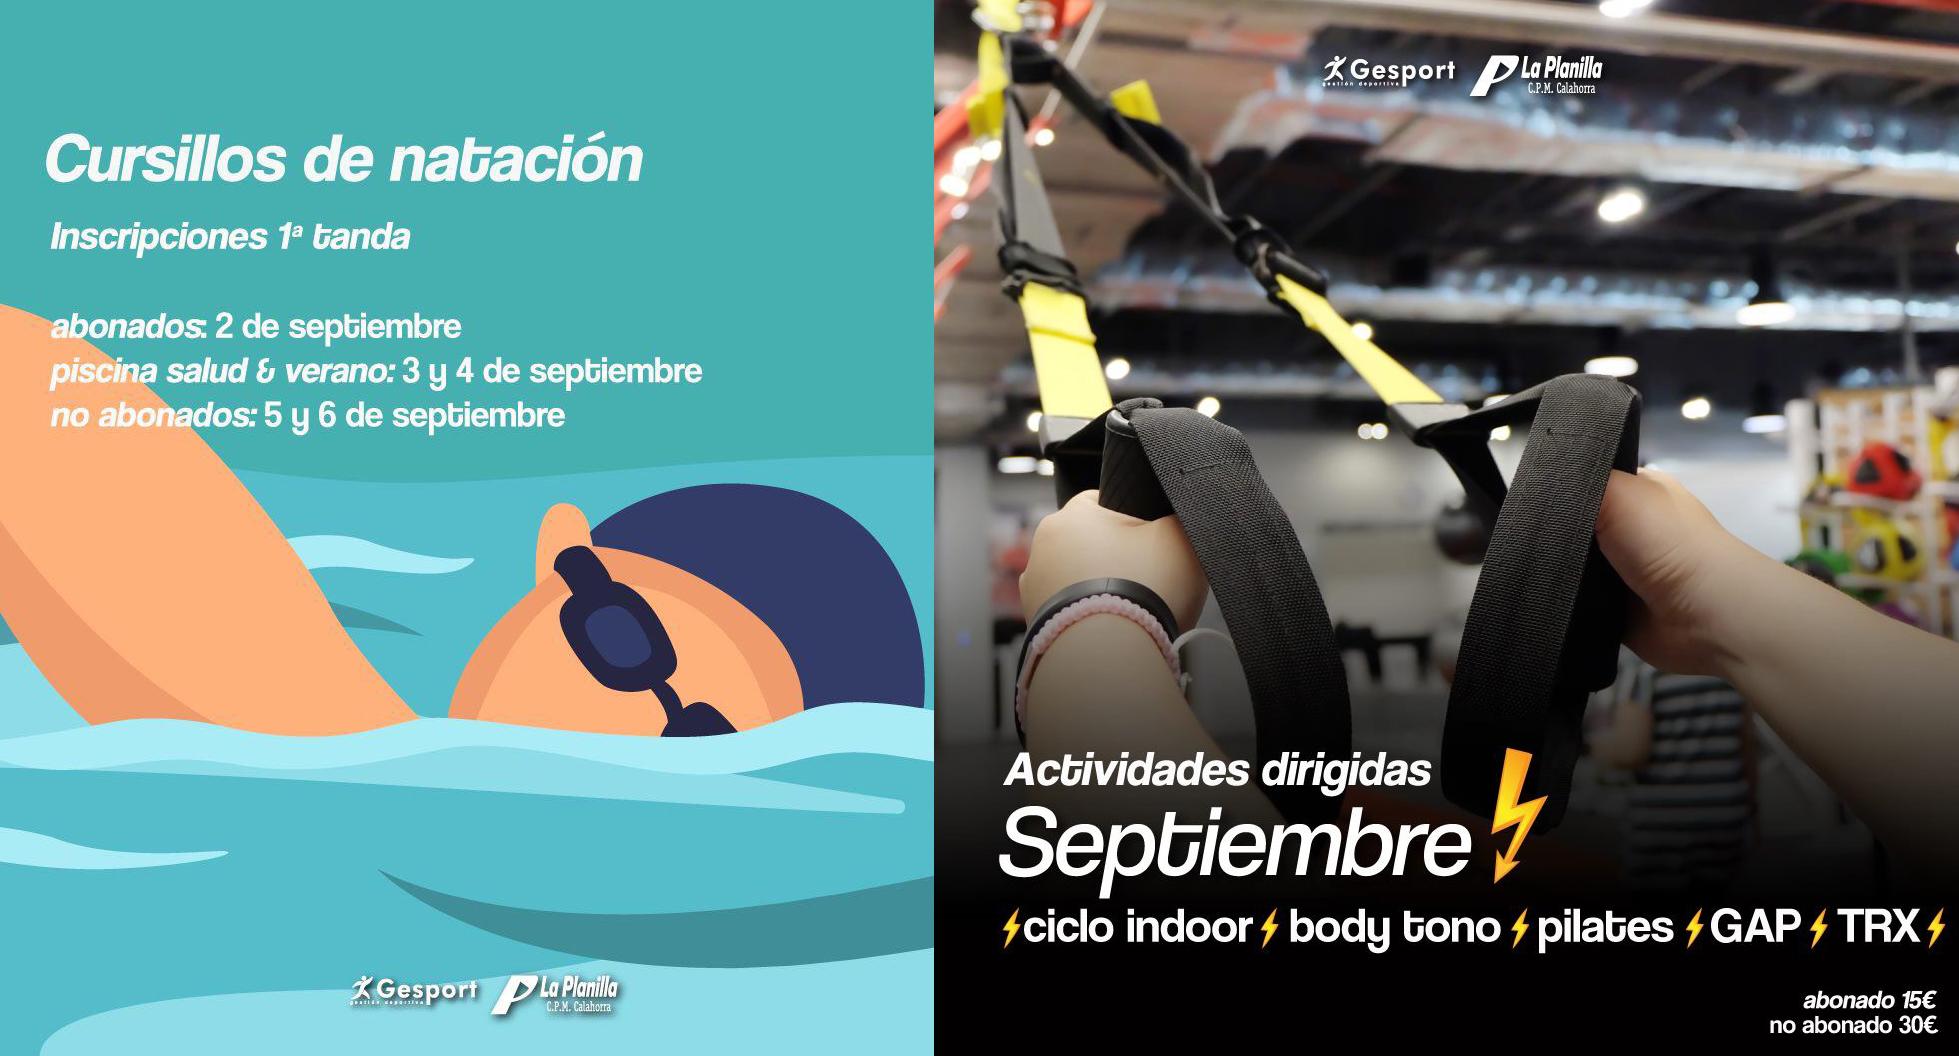 Photo of Cursos de natación y un completo programa deportivo para Laplanilla GeSport de Calahorra